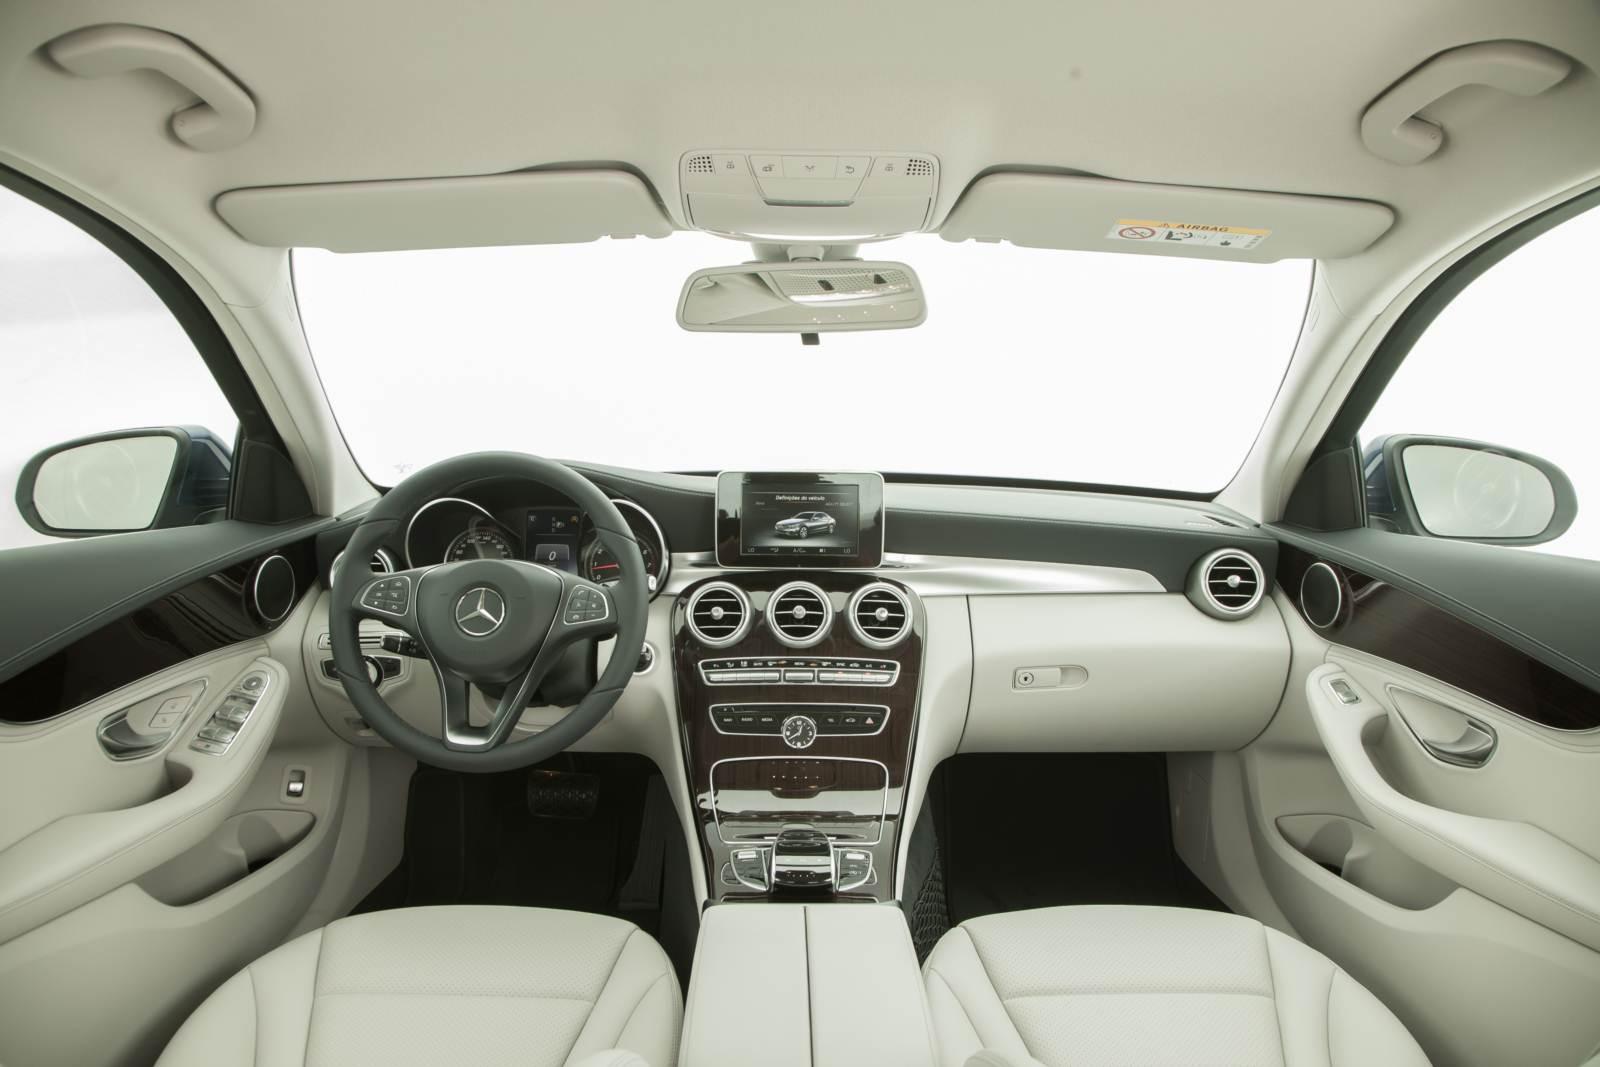 Novo Mercedes Benz C180 2015 Avantgarde E Exclusive Car Blog Br